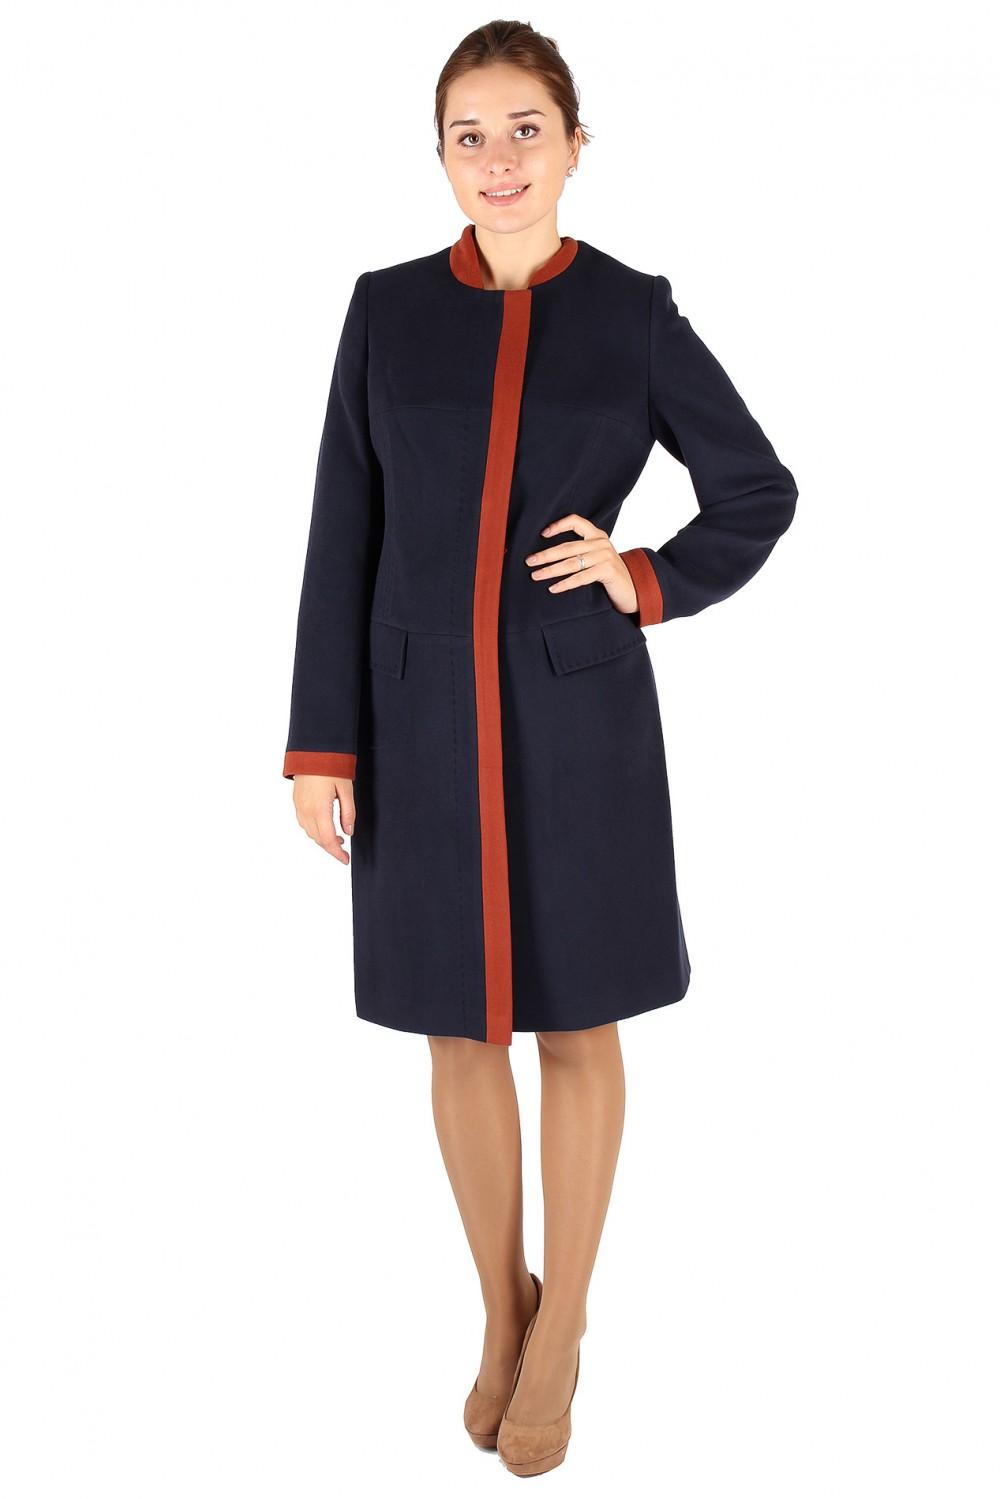 Купить оптом Пальто женское темно-синего цвета 288TS в  Красноярске